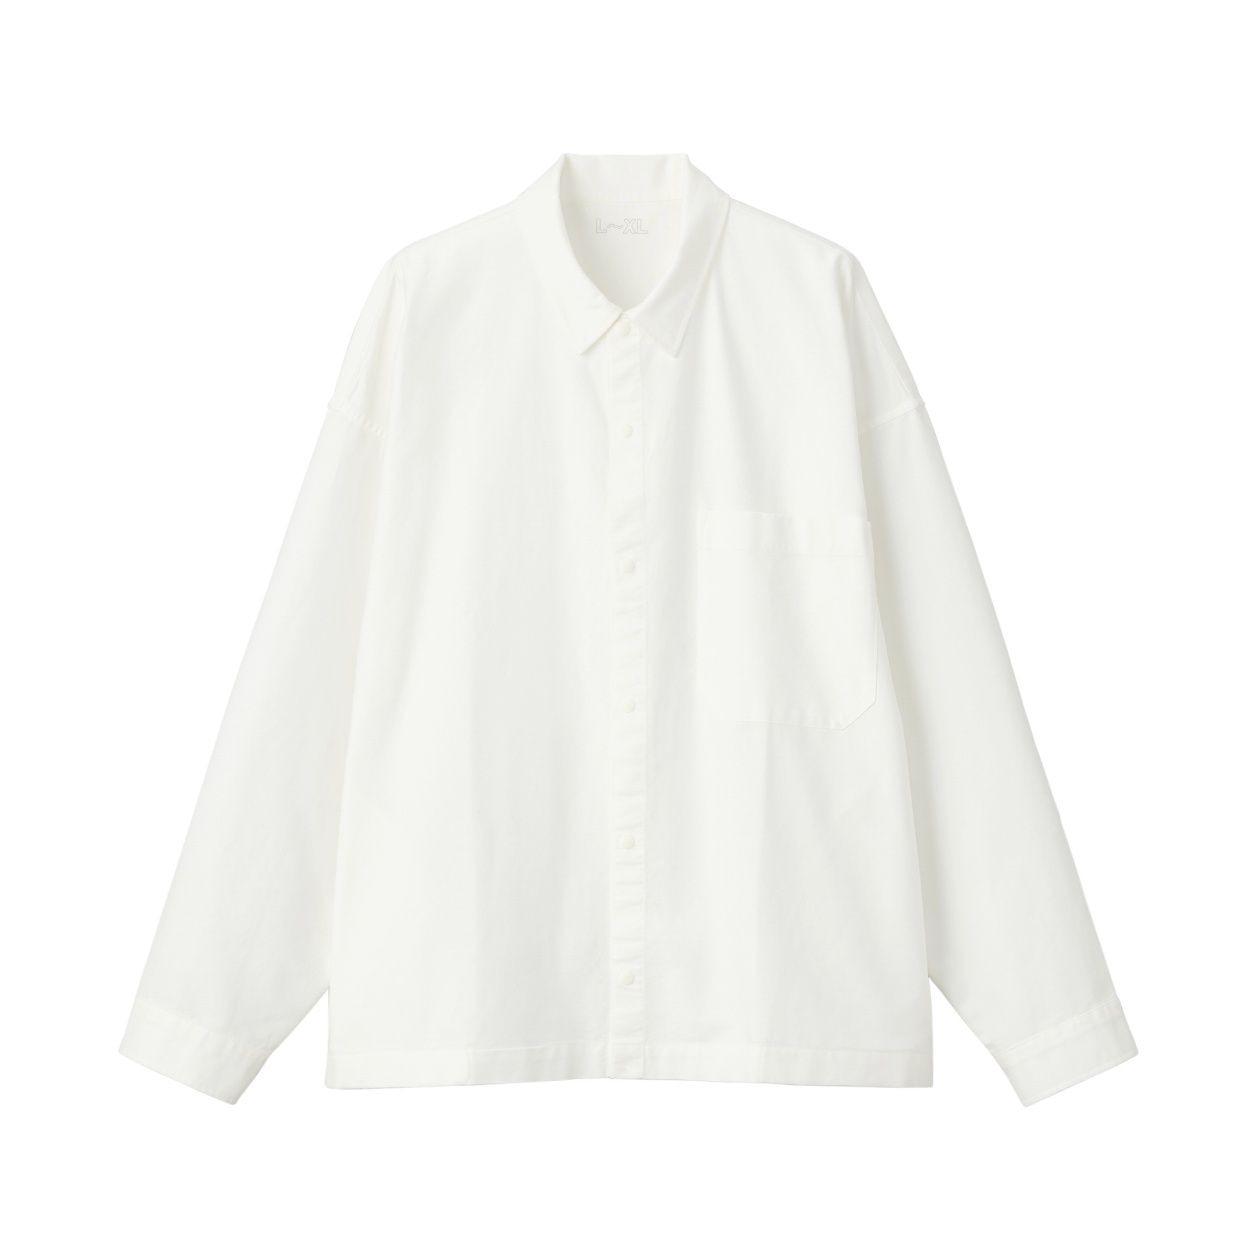 綿オックスフォードドロップショルダーシャツ